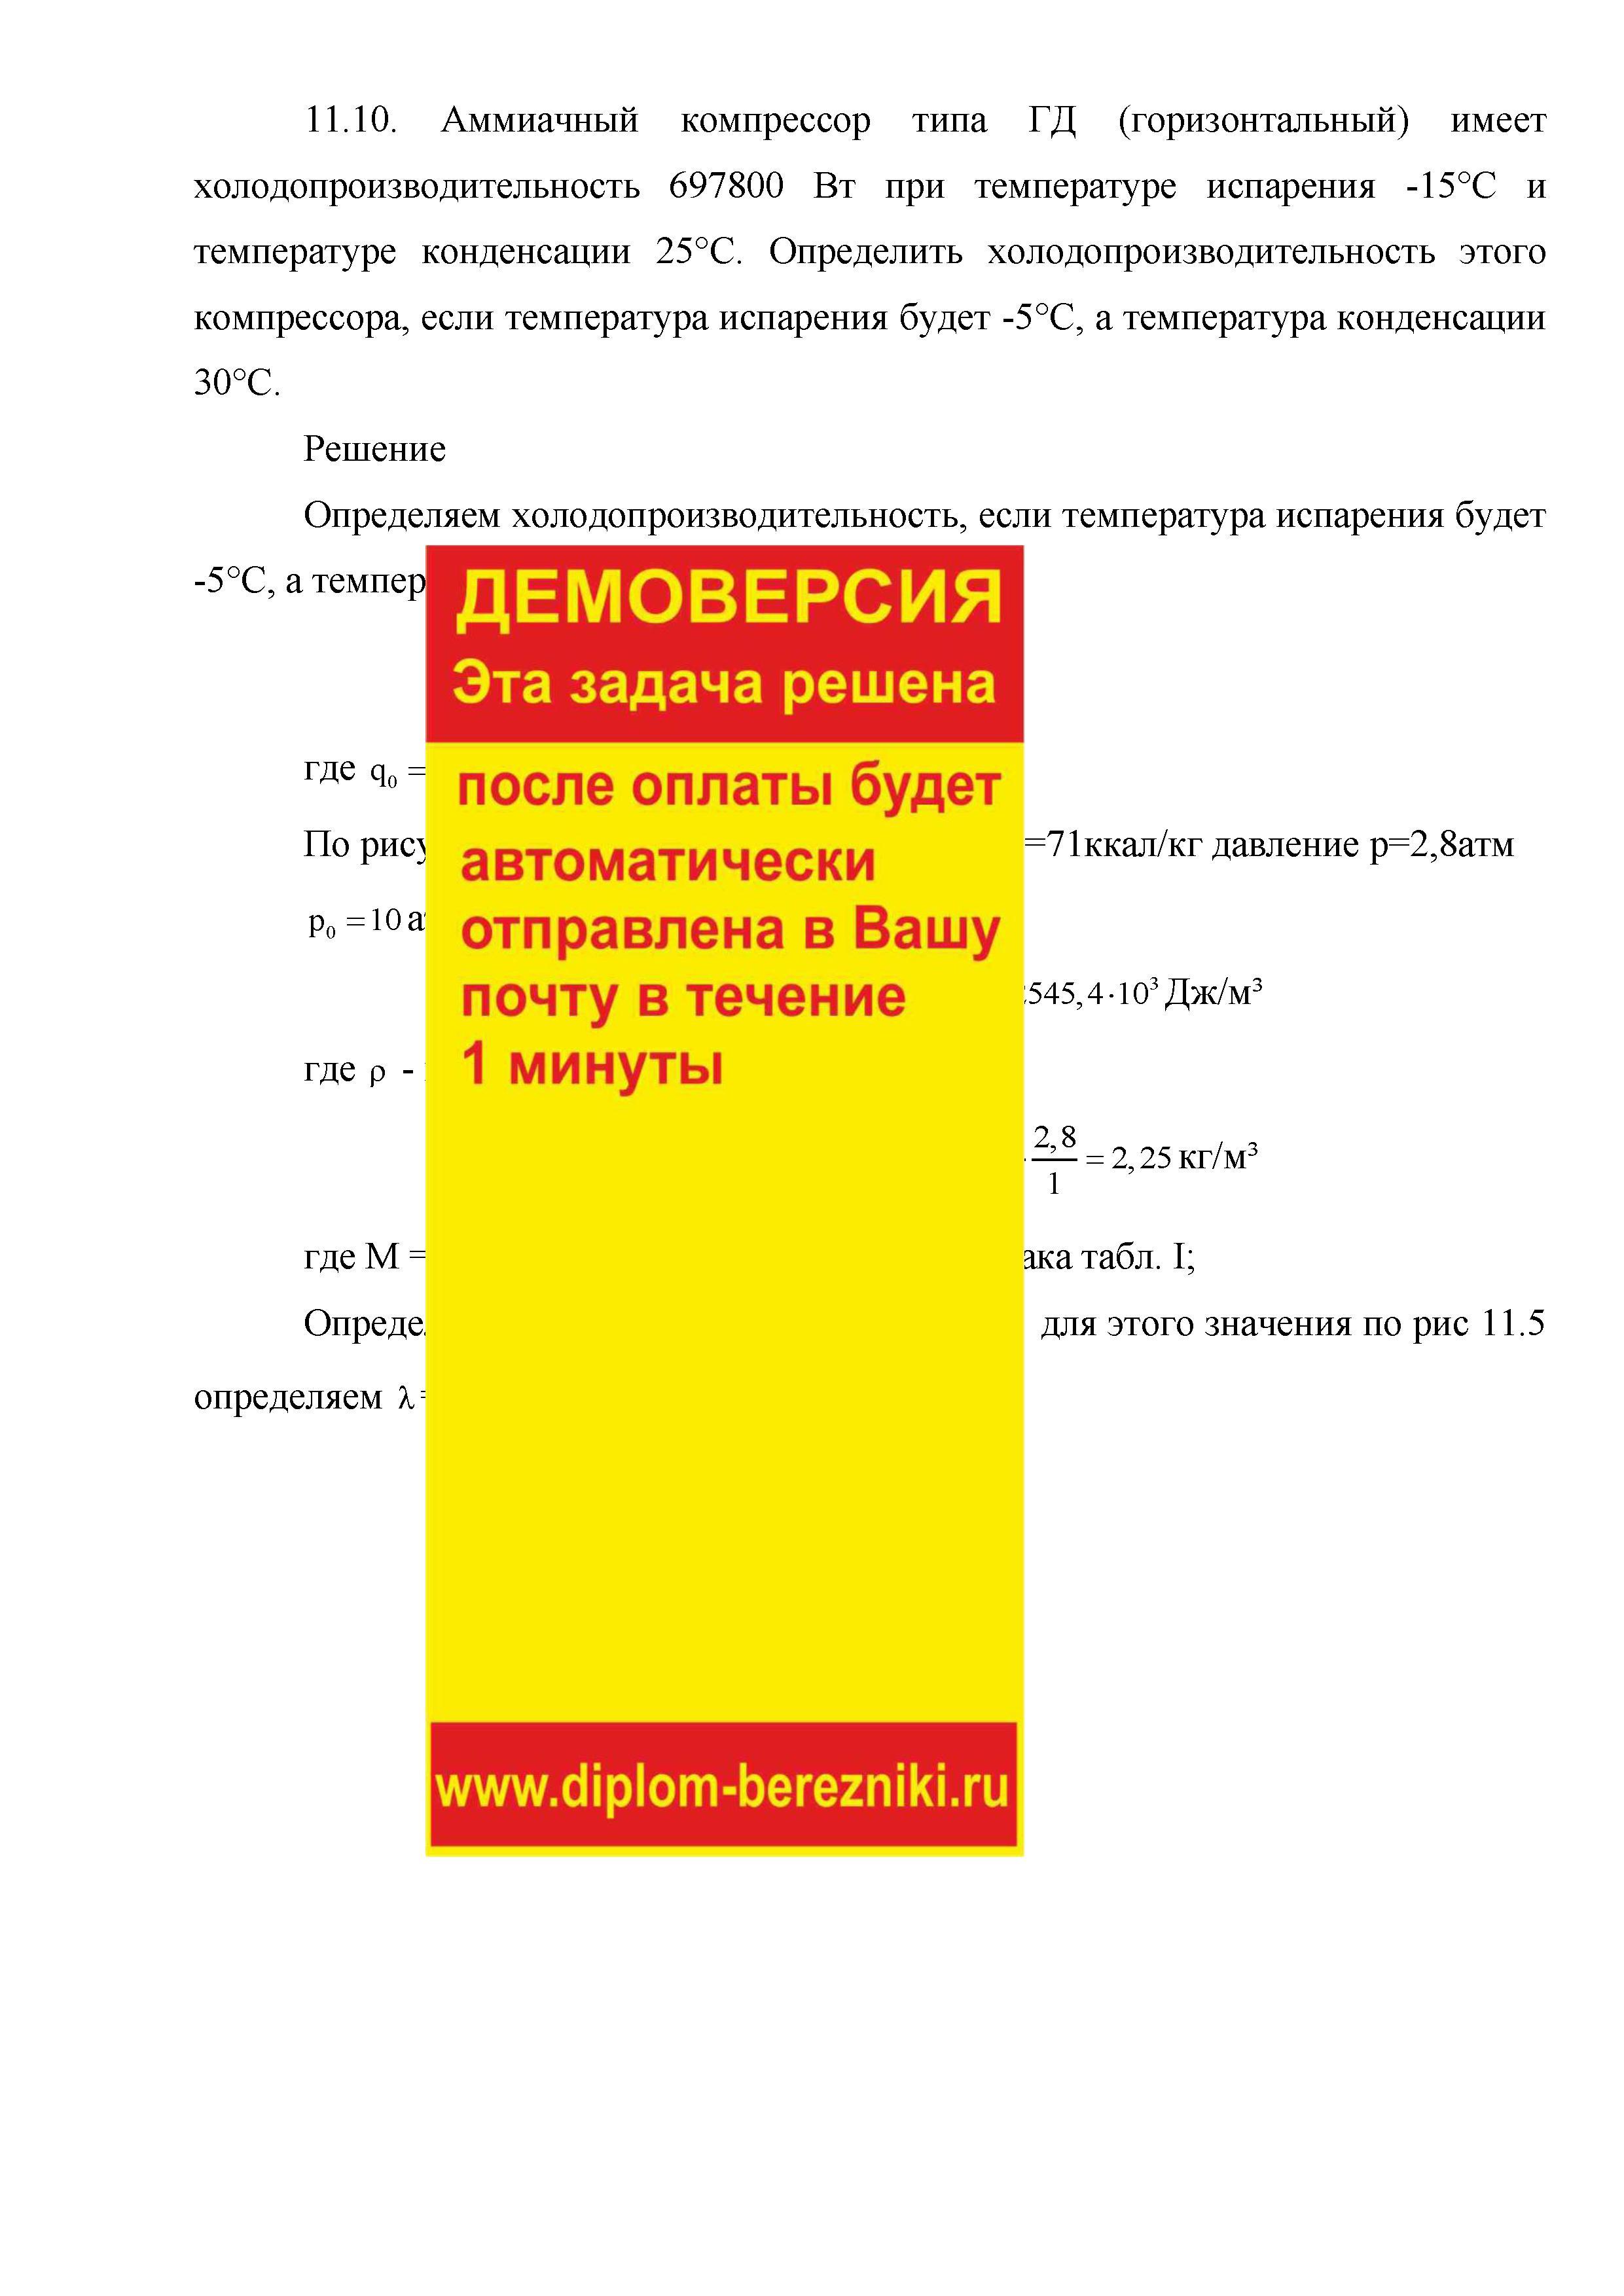 Решение задачи 11.10  по ПАХТ из задачника Павлова Романкова Носкова